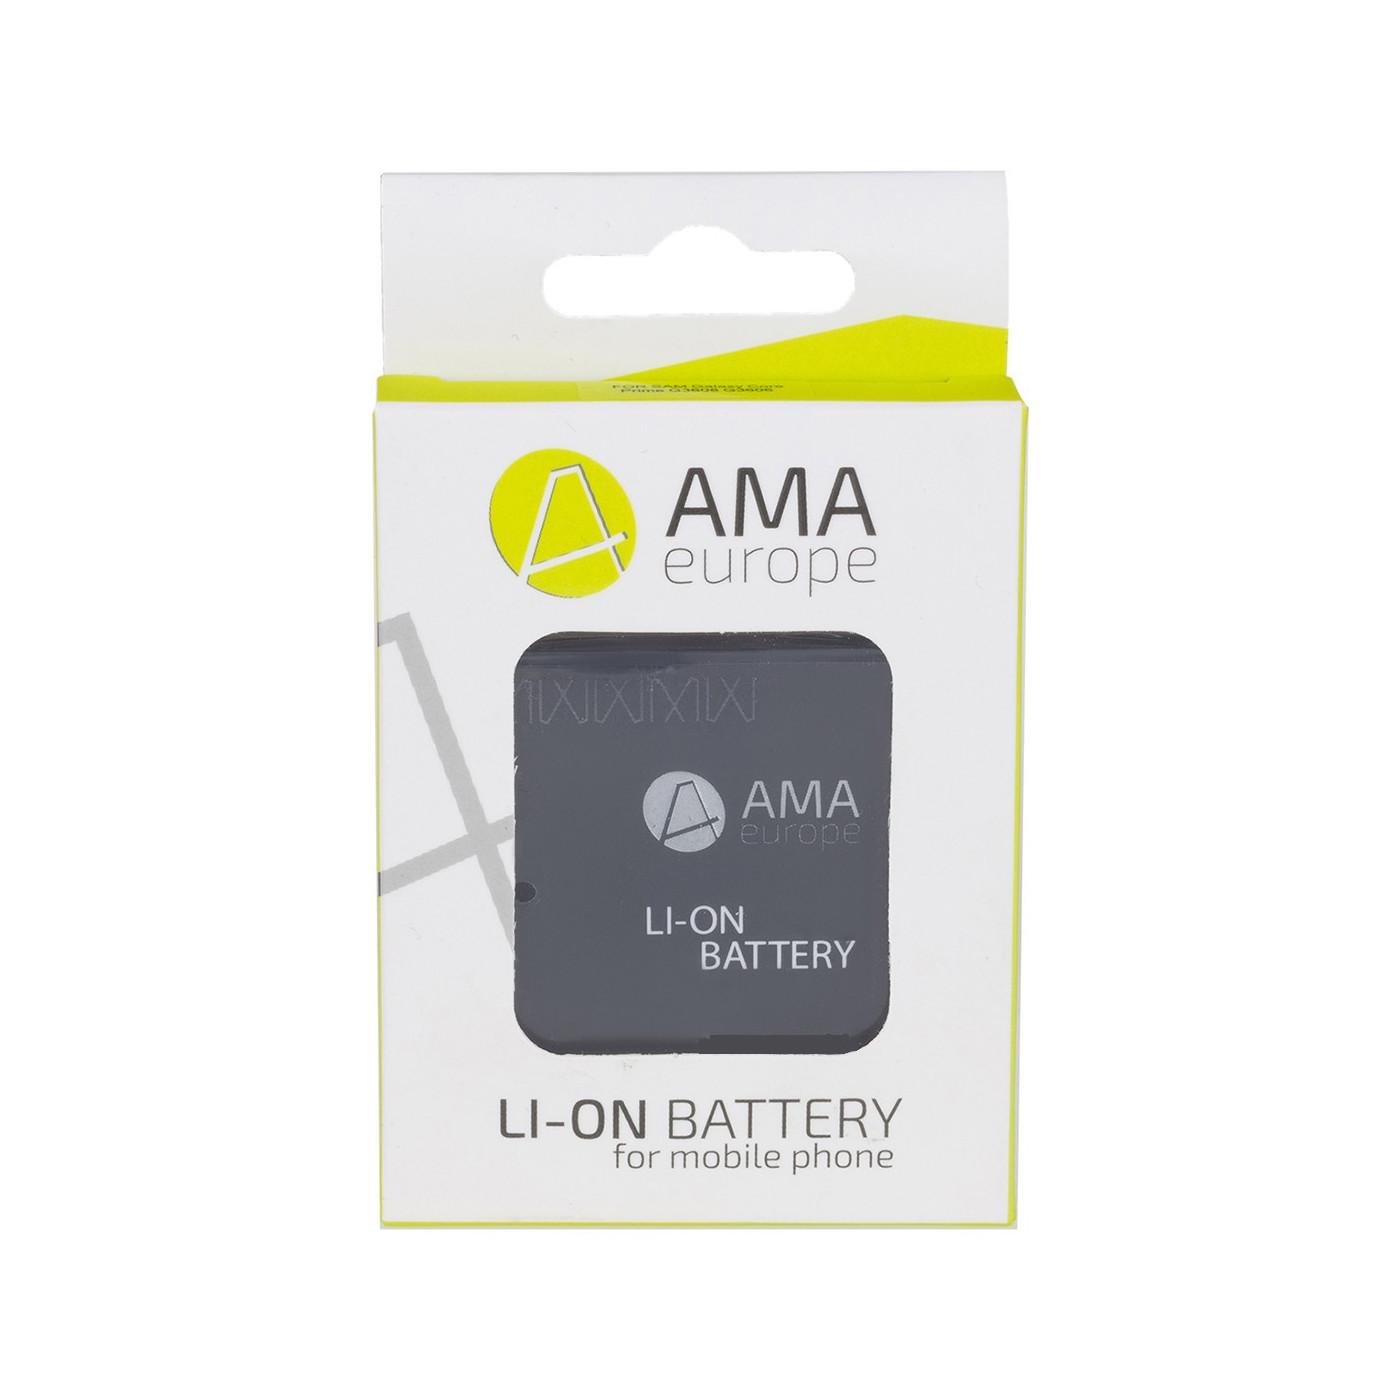 Batteria AMA per LG L5 2 1700 mAh alta qualita